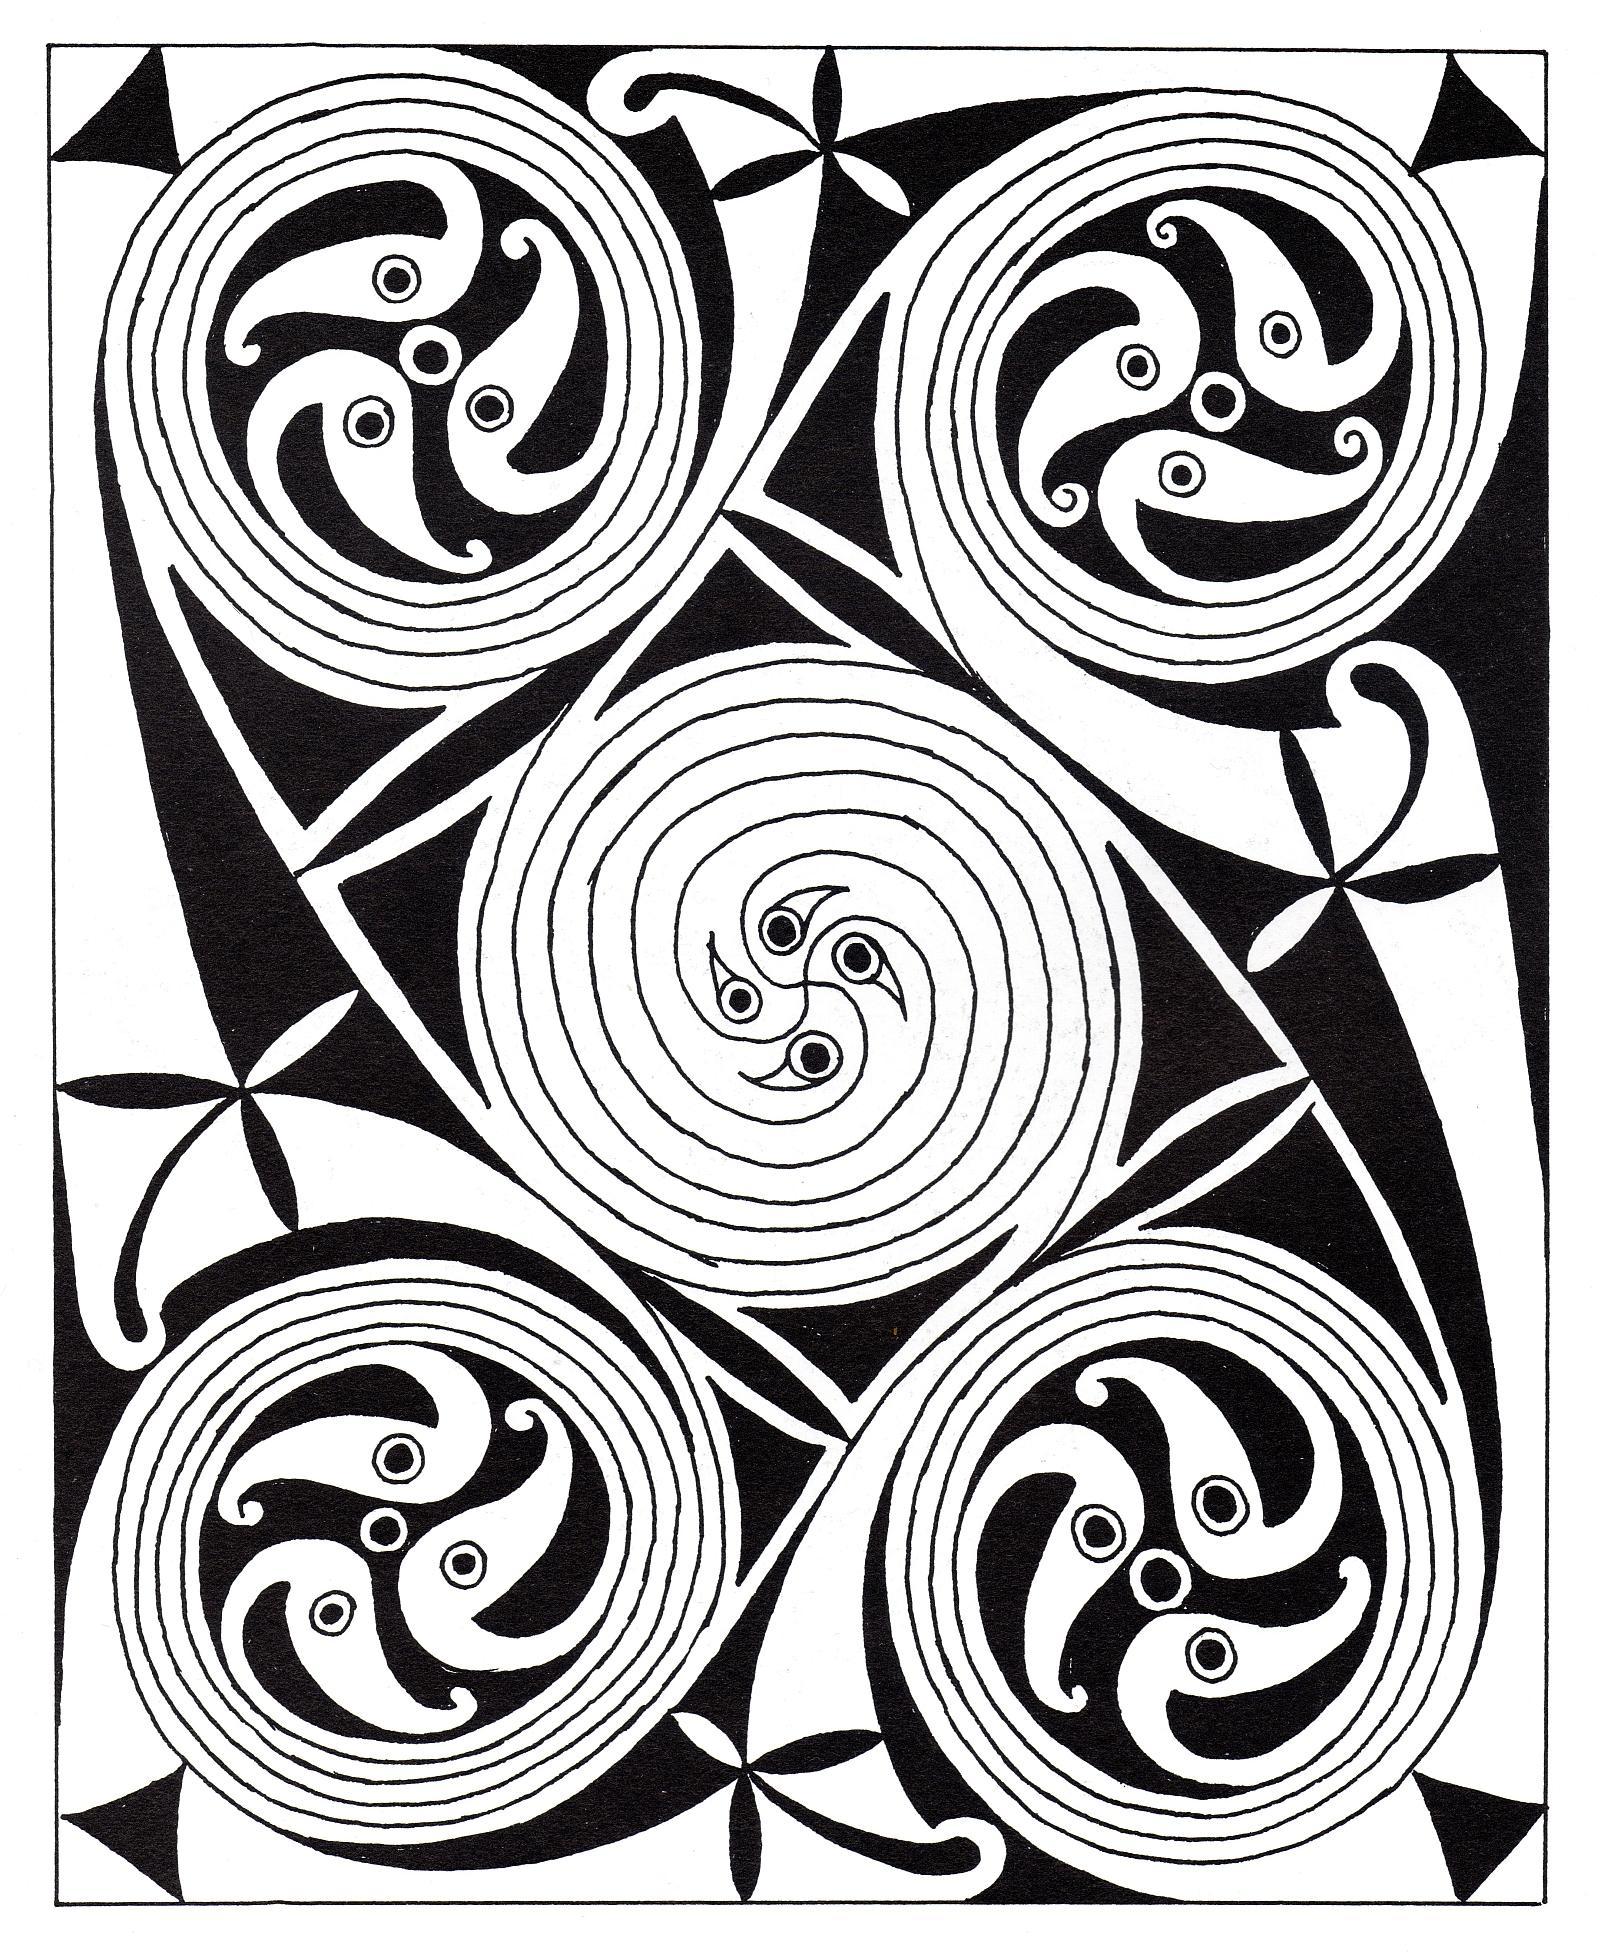 Coloriage Anti Stress Celtique.Art Celtique 31 Art Celtique Coloriages Difficiles Pour